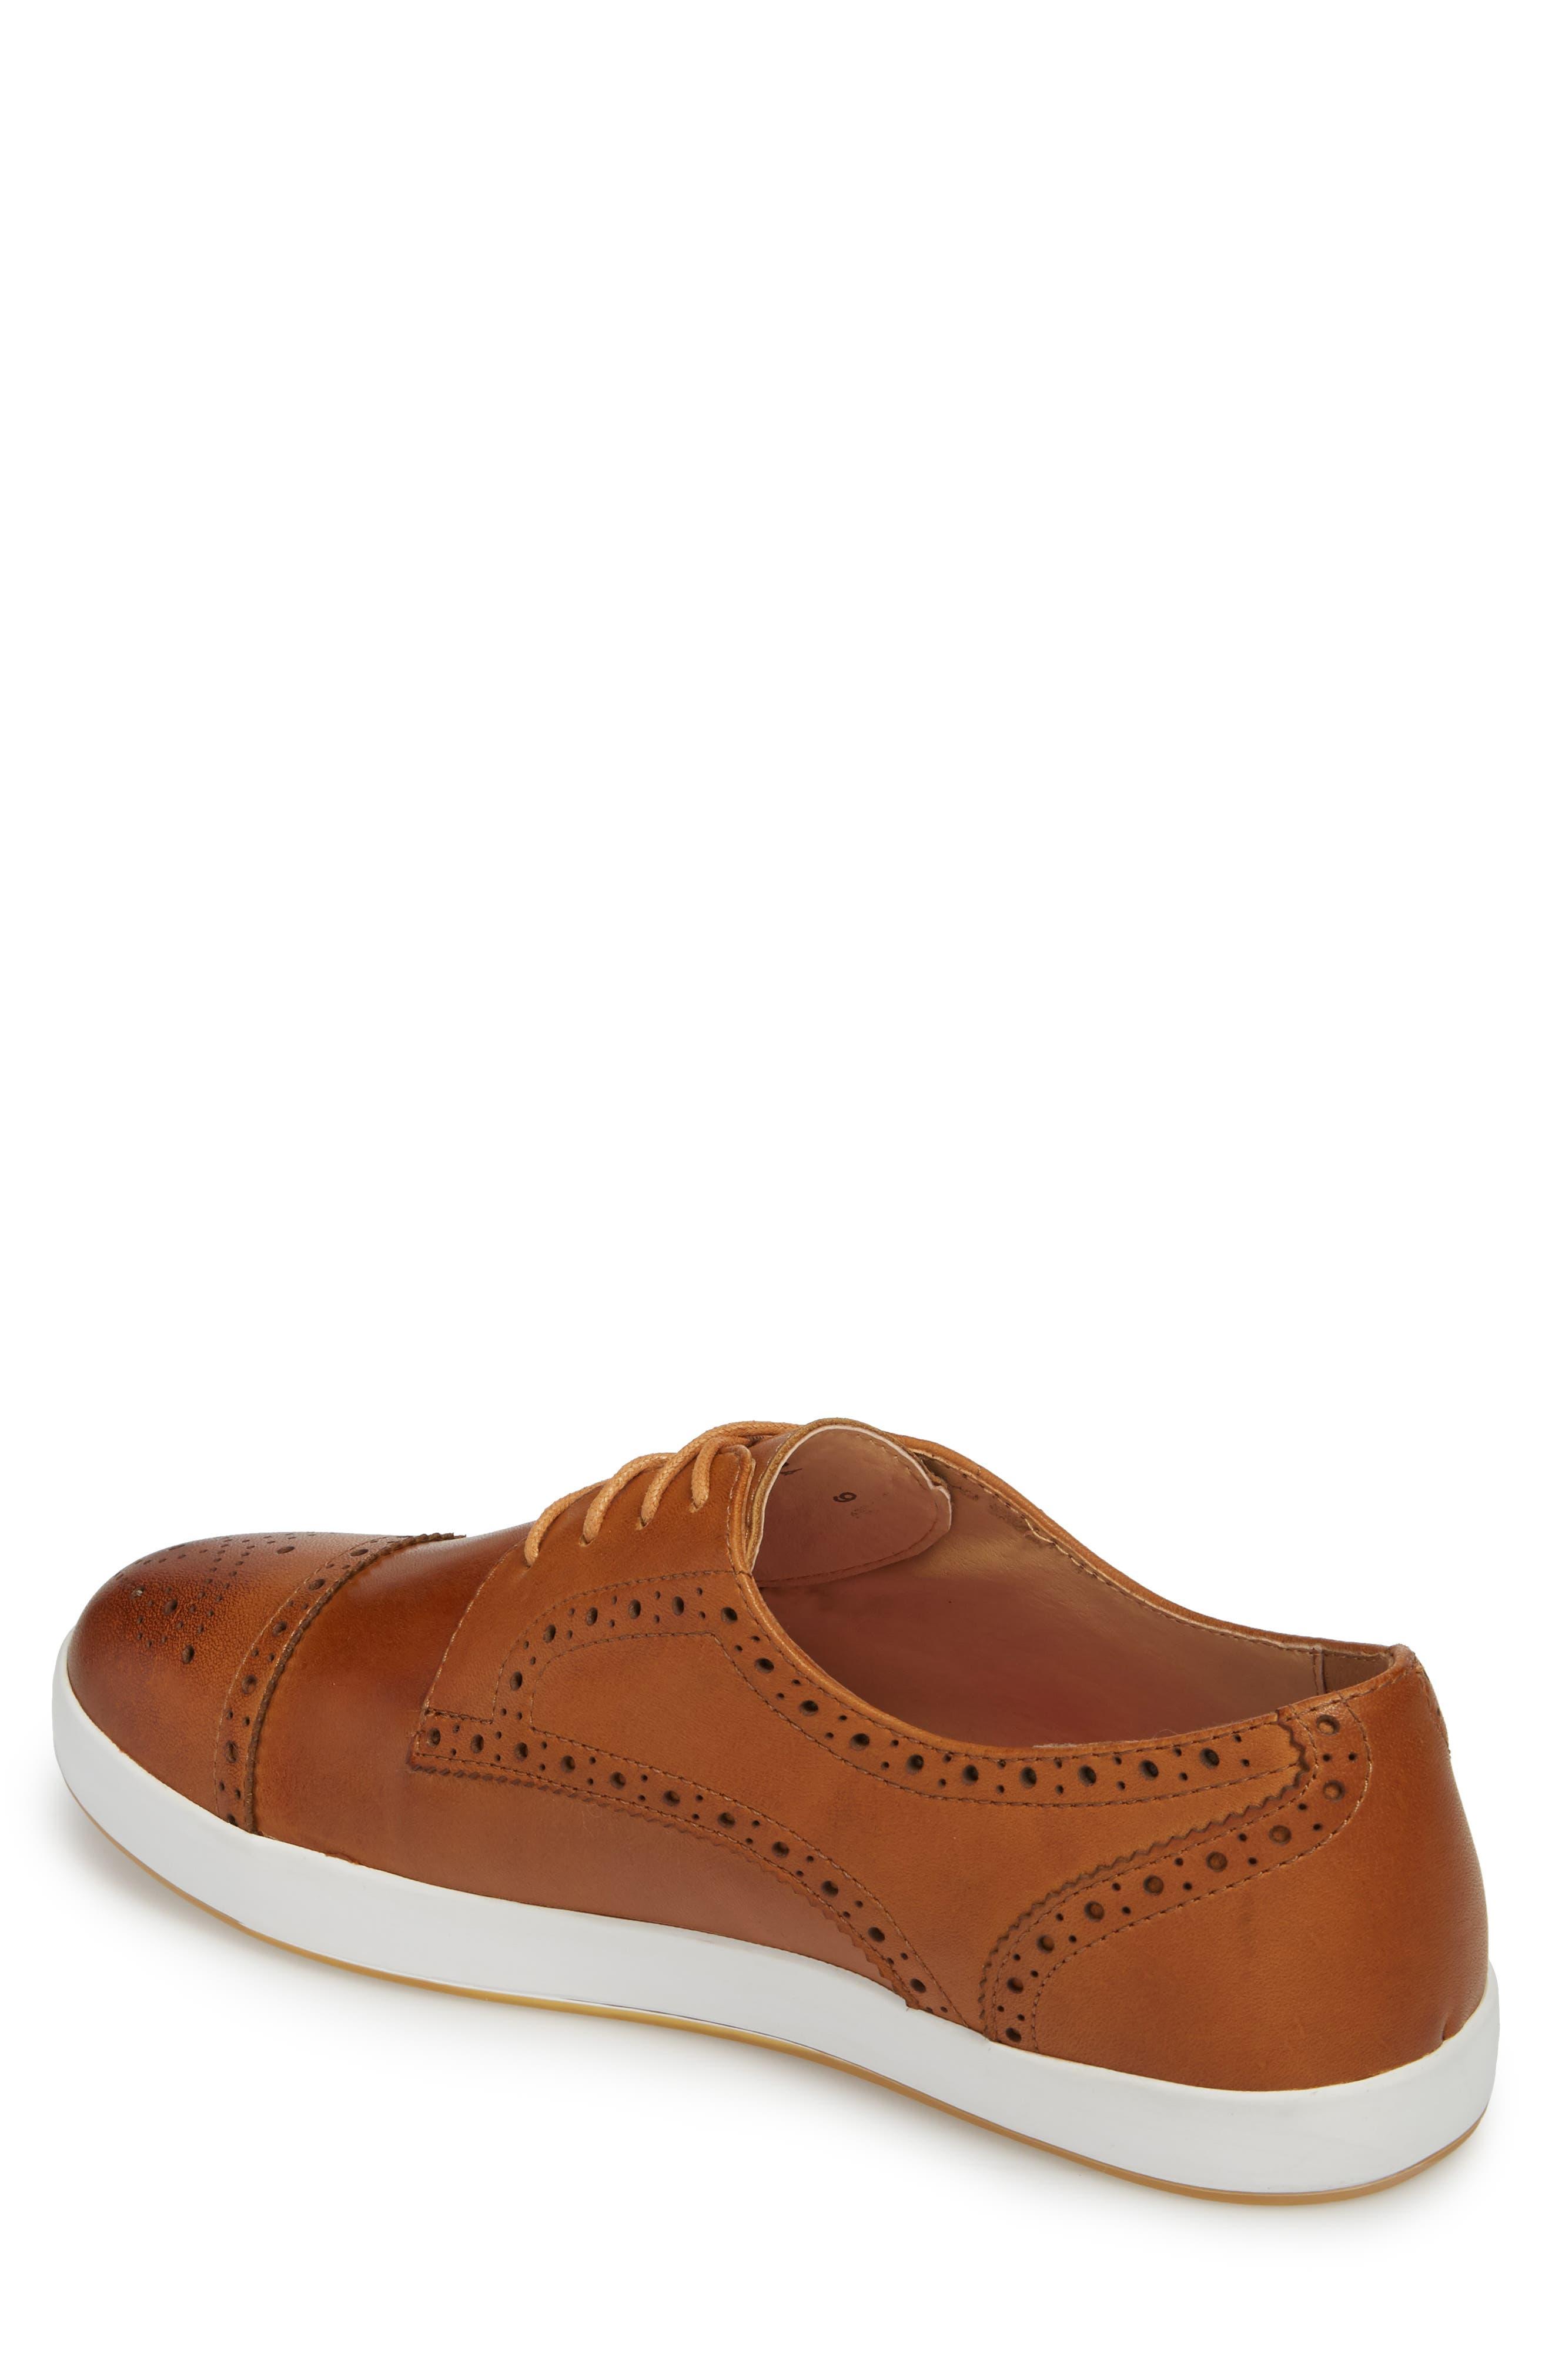 Dunnet Cap Toe Sneaker,                             Alternate thumbnail 2, color,                             Cognac Leather